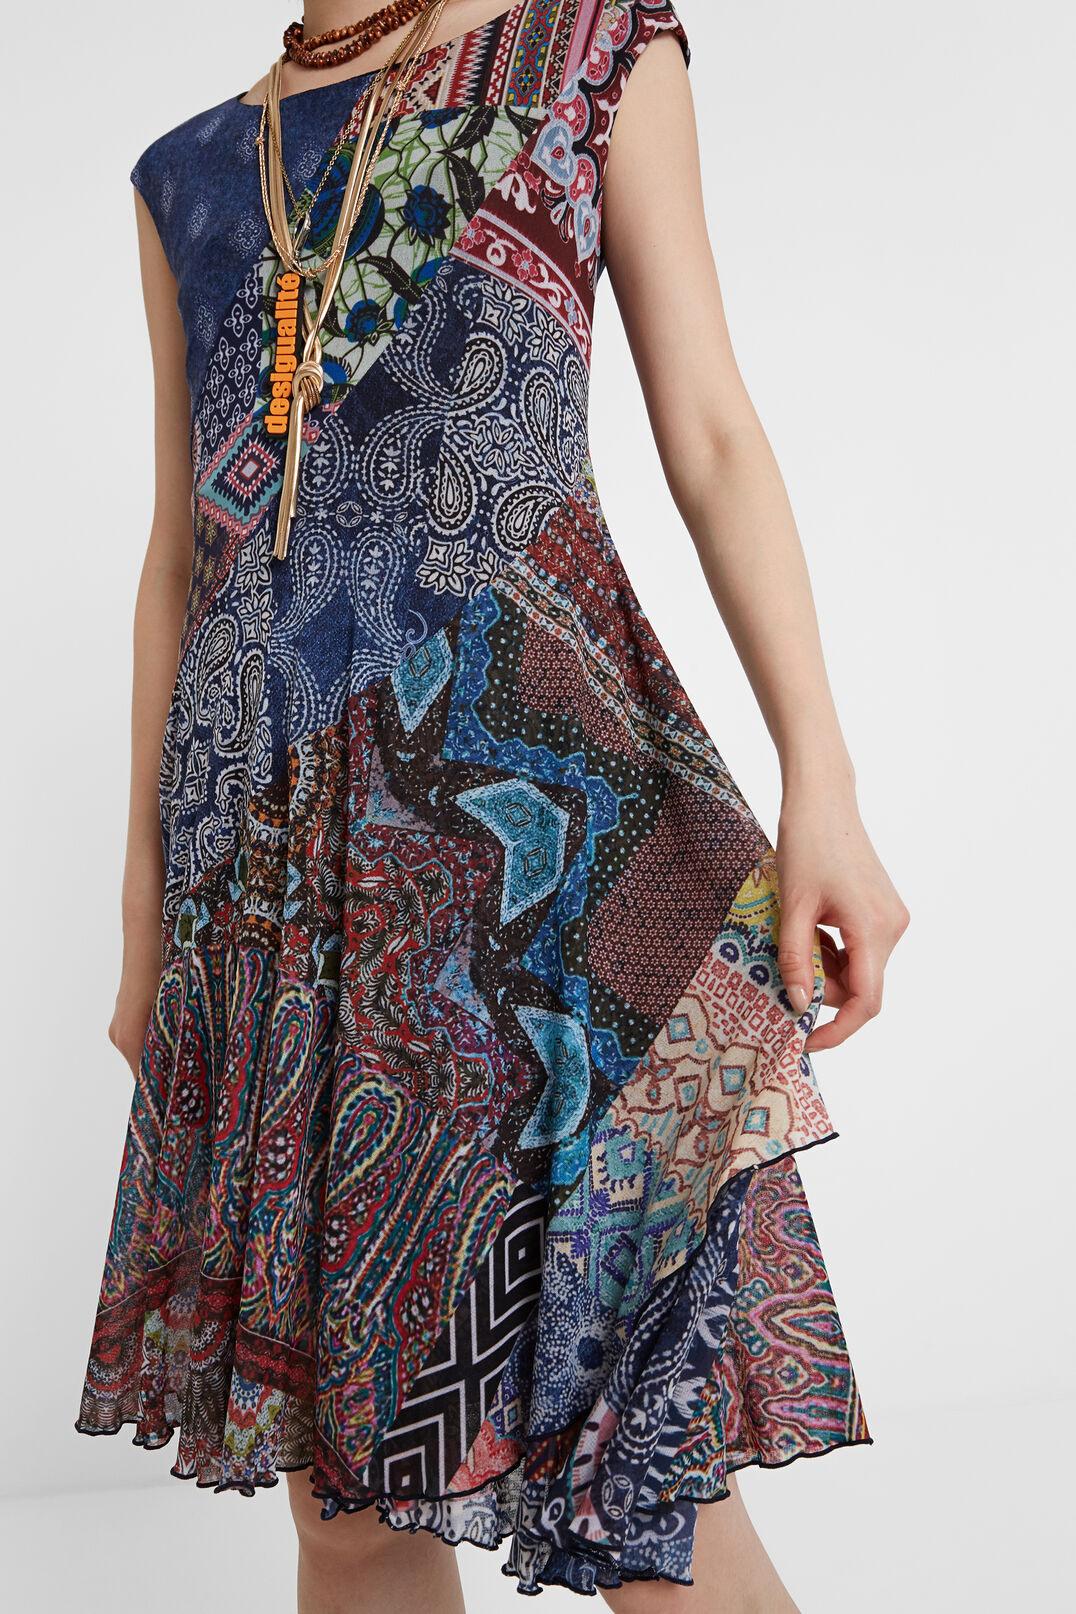 Bohokleid Mit Patches Mehrfarbig  Desigual Damen Kleider